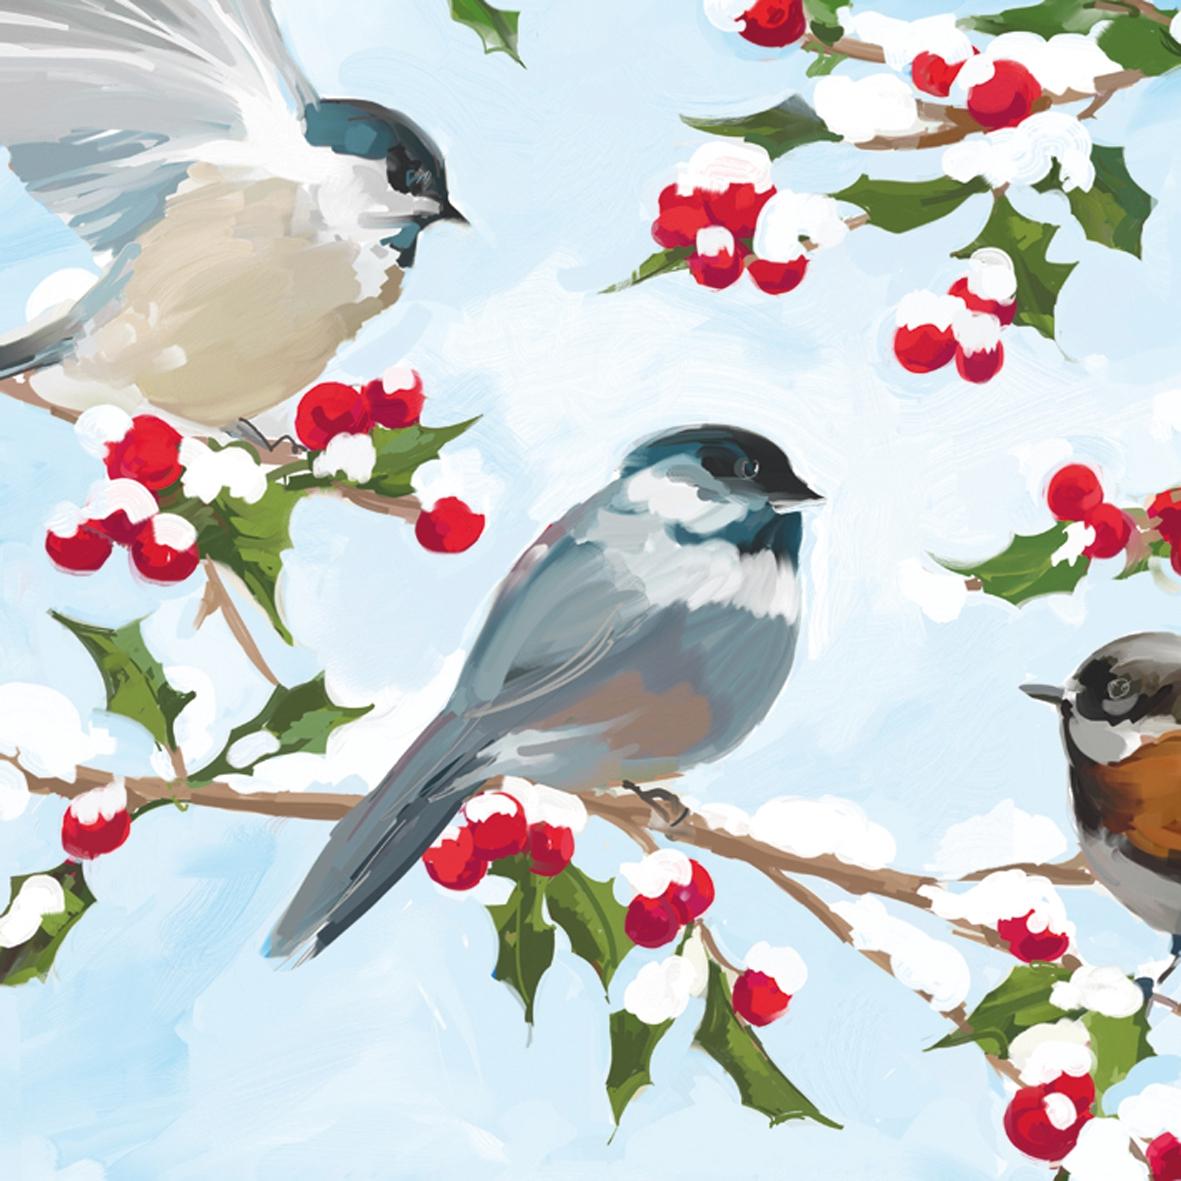 Servietten nach Firmen,  Pflanzen - Ilex,  Tiere - Vögel,  Weihnachten,  lunchservietten,  Vögel,  Ilex